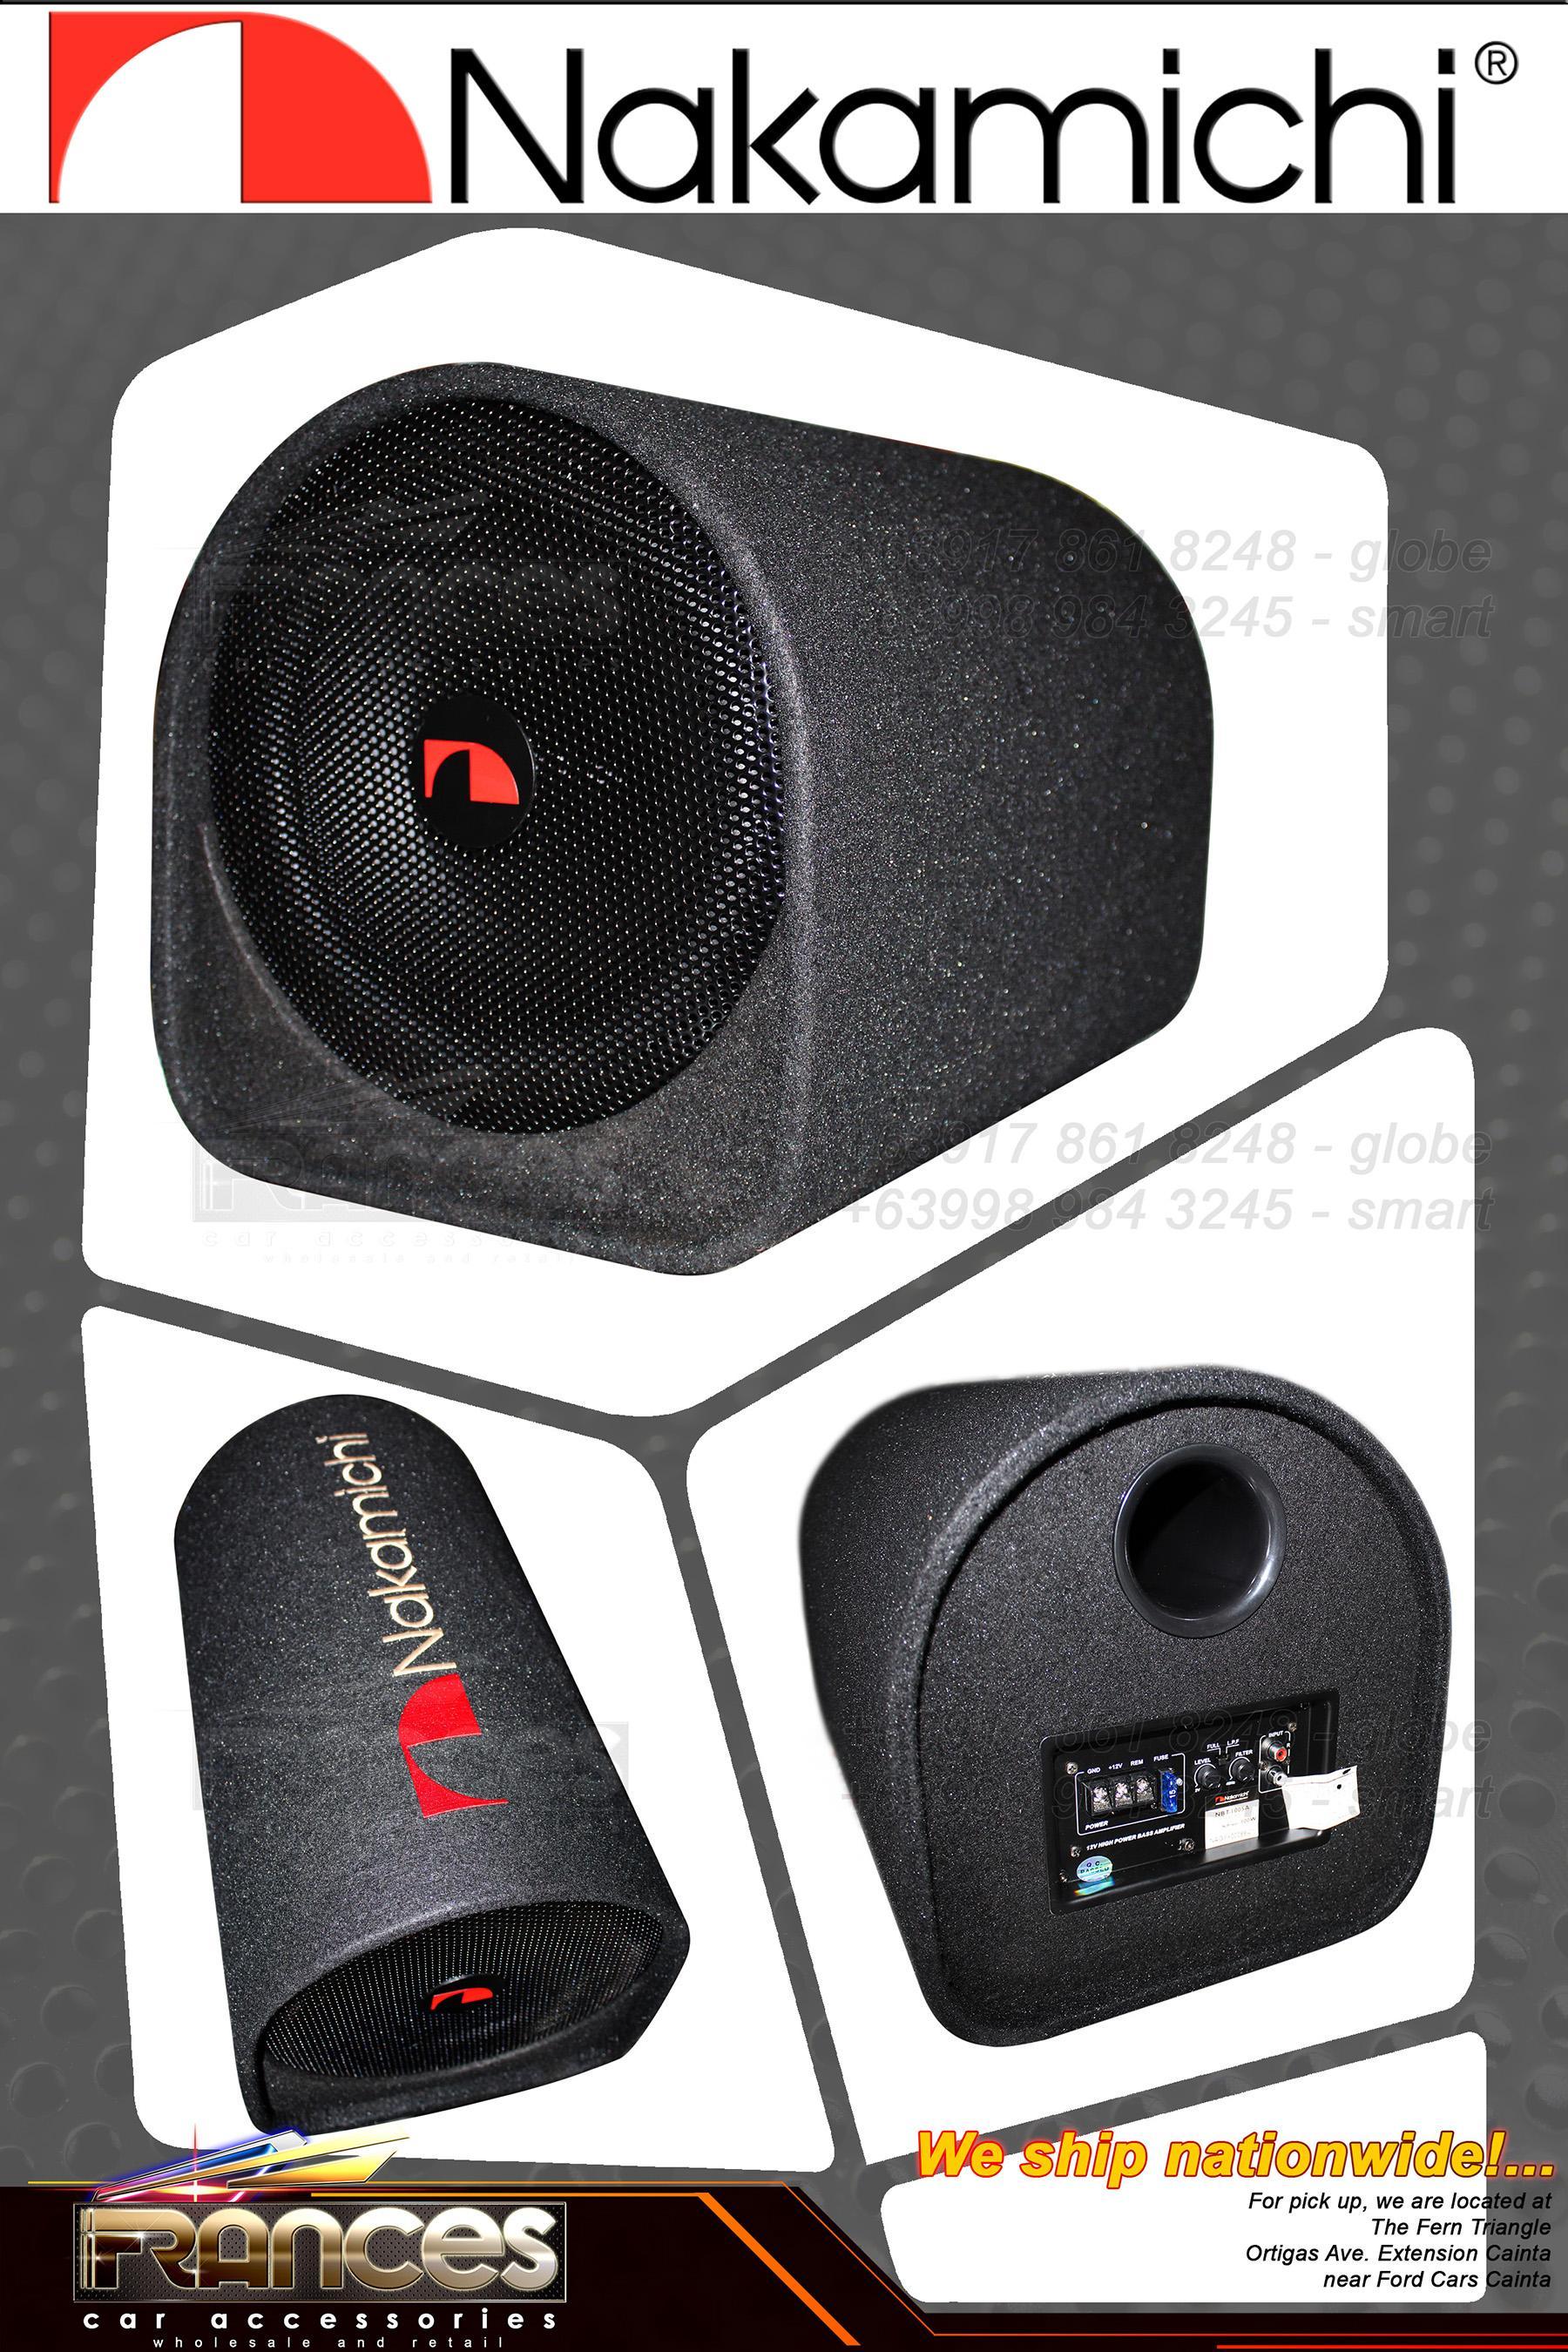 Nakamichi Philippines: Nakamichi price list - Earphones, Bluetooth